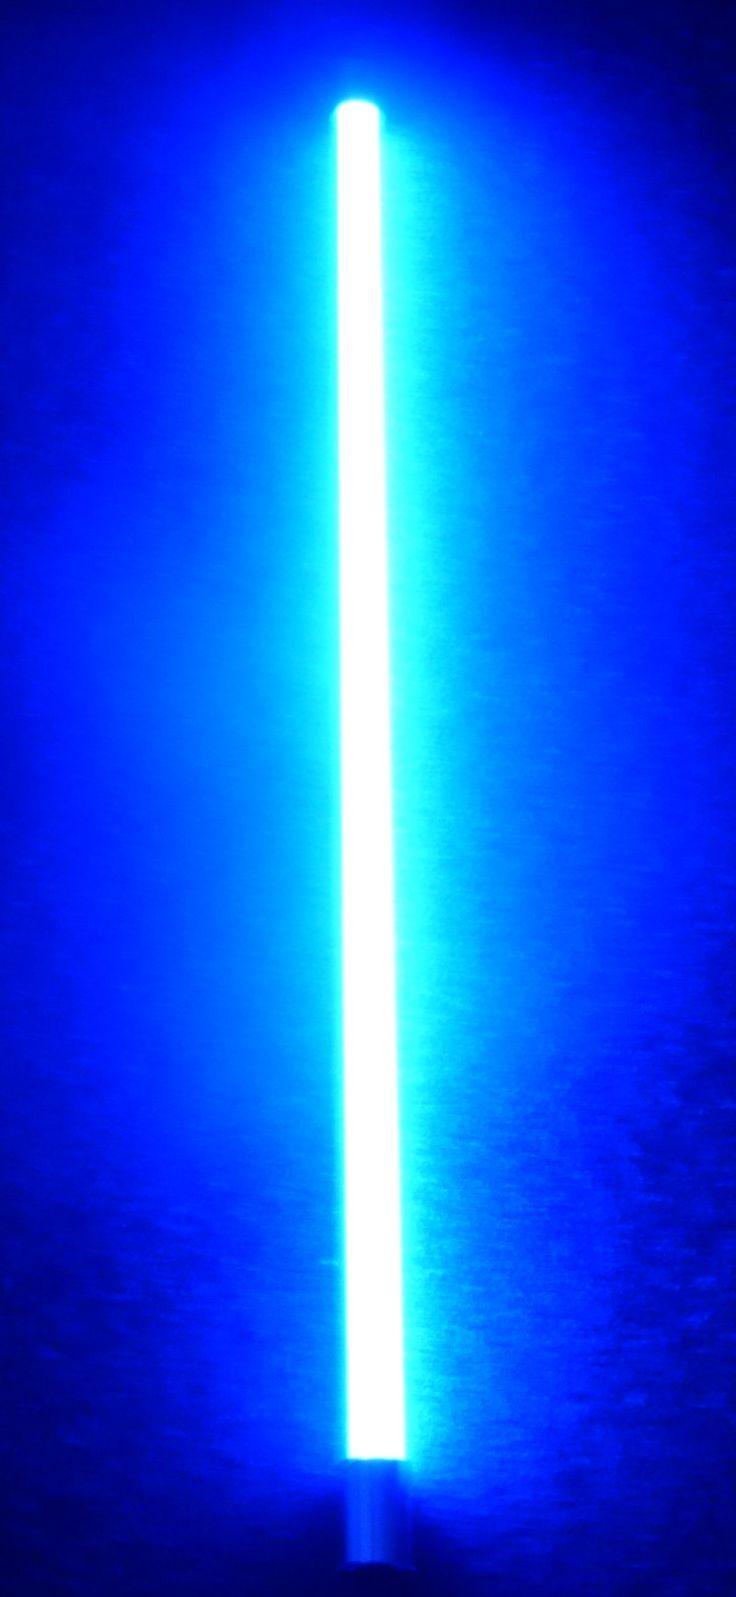 LED Armatur 1,20m LED Röhre 18 Watt 1800 Lm blau.Jetzt NEU Farbige LED Röhren im Kunststoffrohr als Leuchtstab für viele Gelegenheiten. Energiesparende LED Röhre T8 mit Länge 1,20m und 1,45m Anschluss Kabel mit Eurostecker schwarz. Diese LED hat 18 Watt und 1800 Lumen. Damit sparen Sie ca. 50% der Stromkosten.  Technische Daten LED Röhre: - Anschluss: 230V/50Hz - Sockel: T8 - Lichtstärke: 1800 Lumen - Verbrauch: 18 Watt  - Farb-Temperatur: 6500 Kelvin